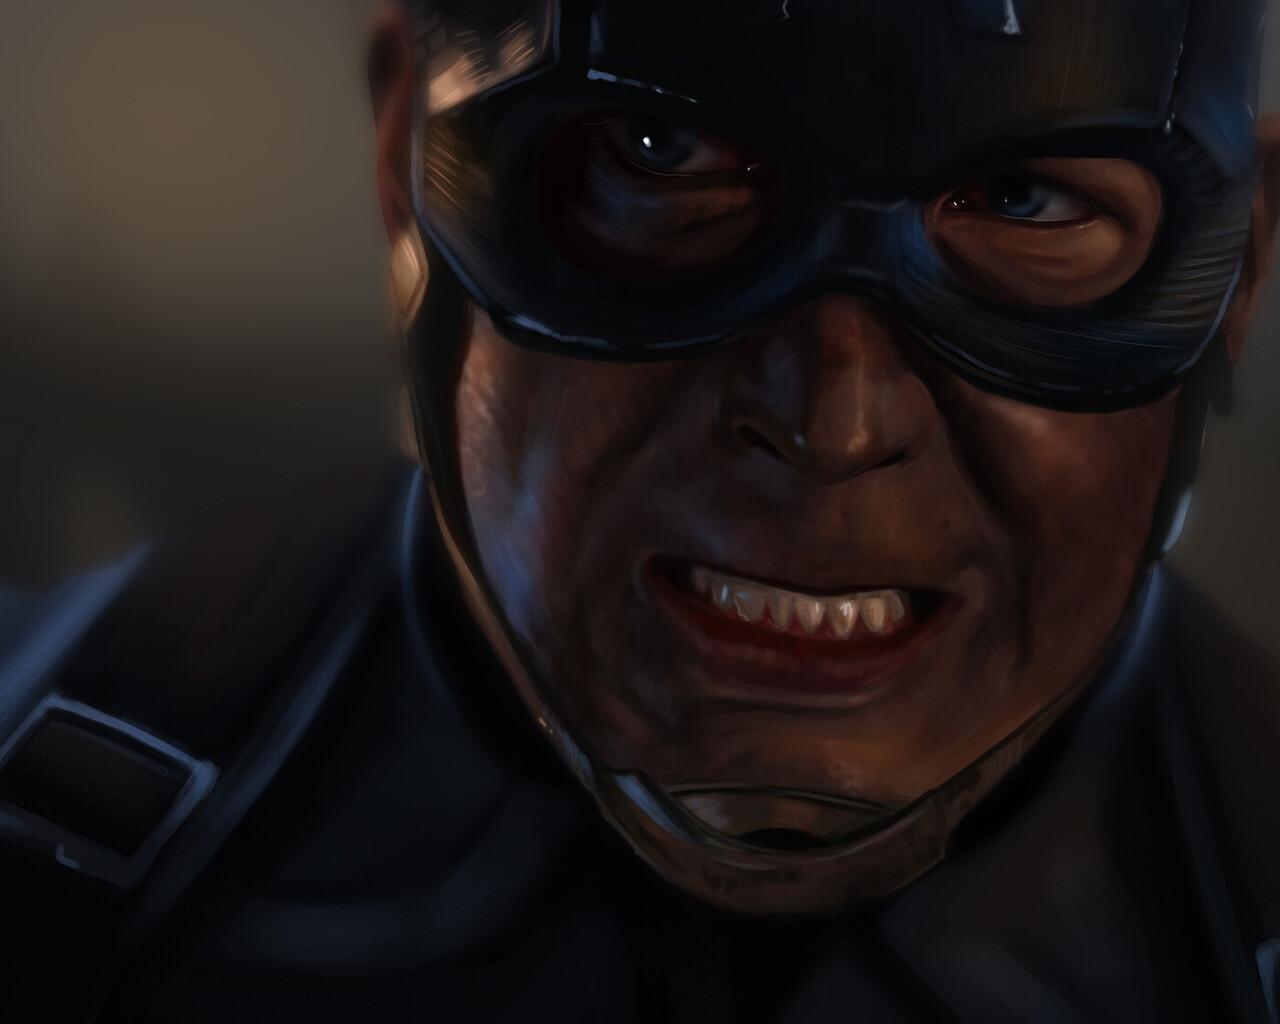 captain-america-avengers-endgame-2019-art-d2.jpg